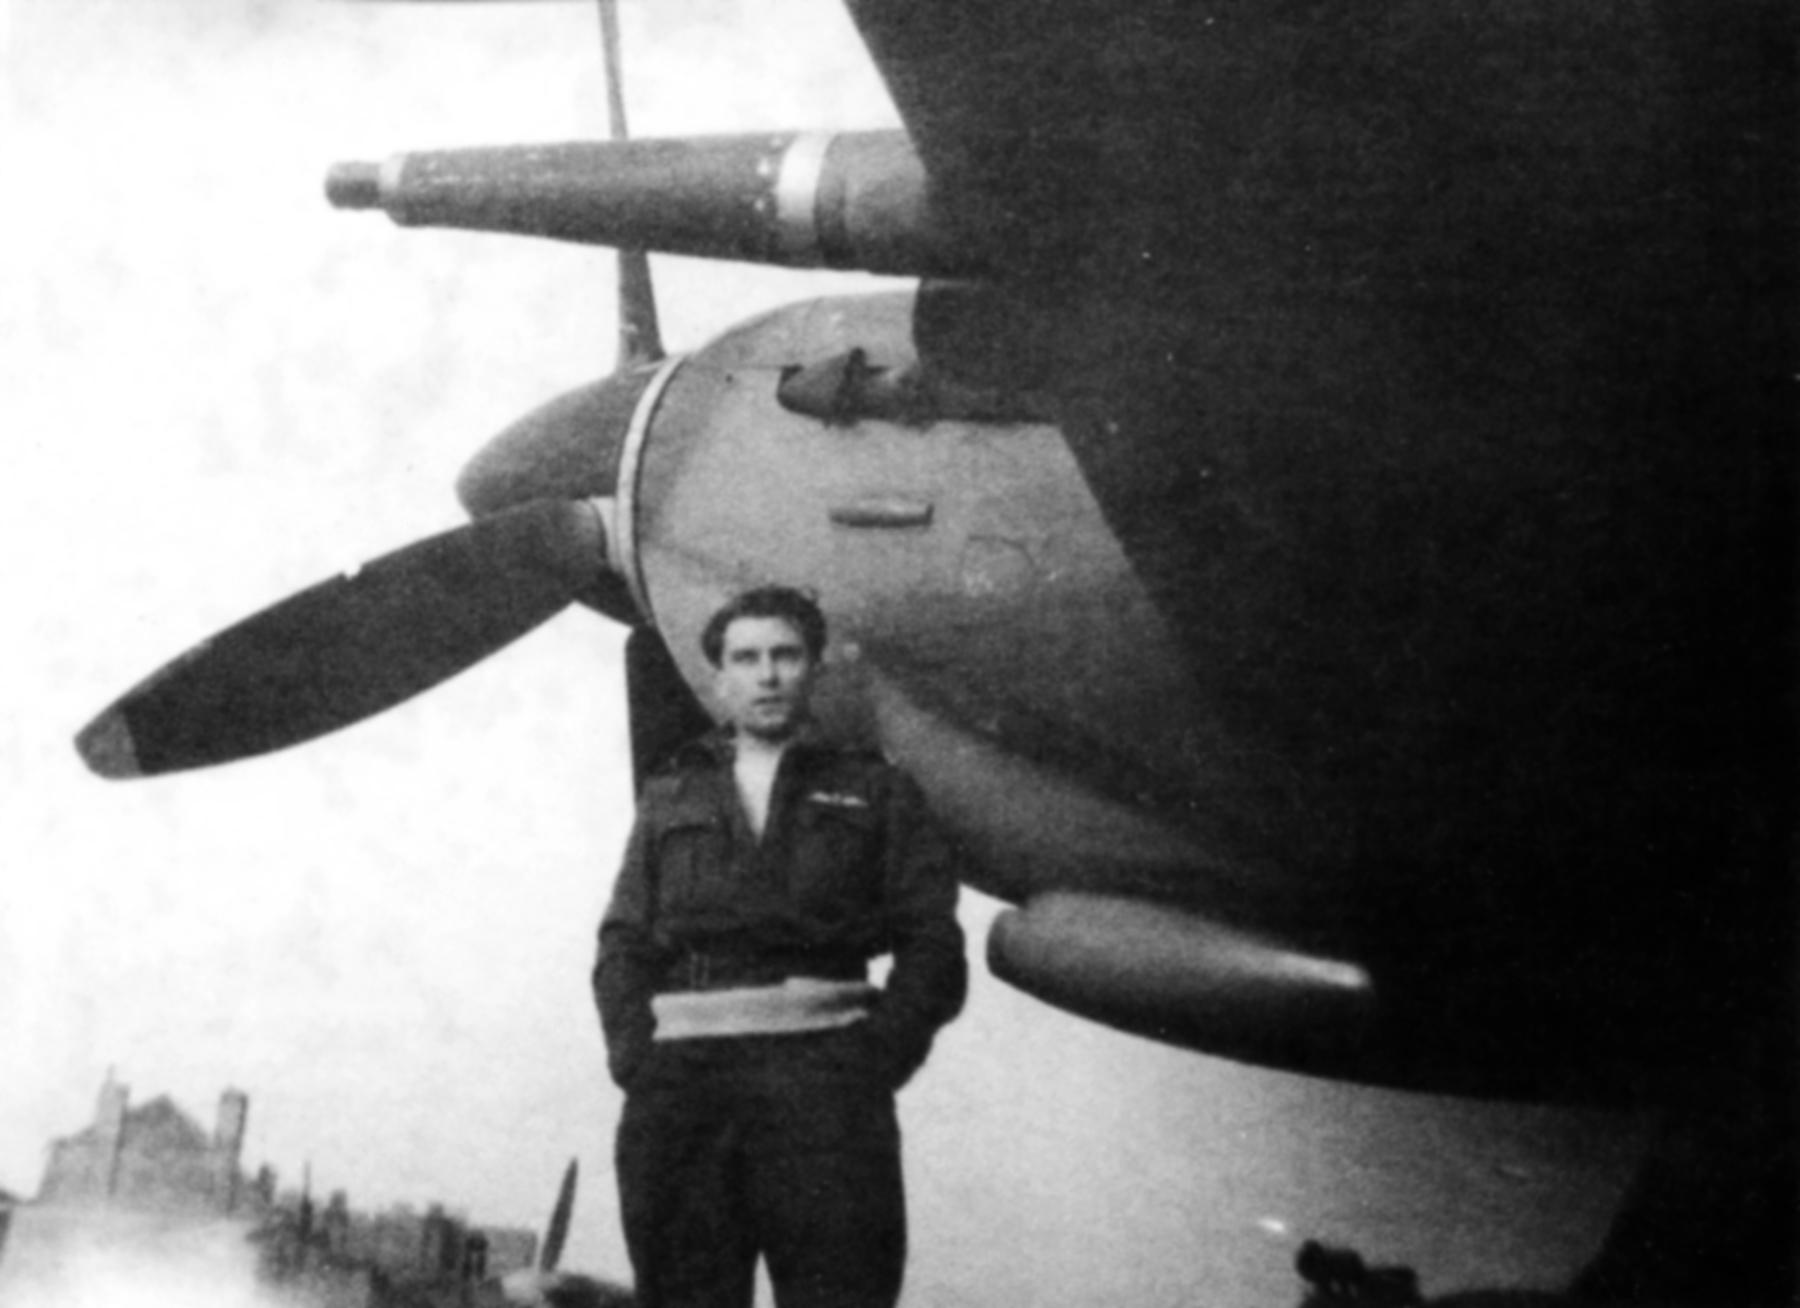 Spitfire LFIX RAF 341Sqn NLN George Lents France Nov 1944 01